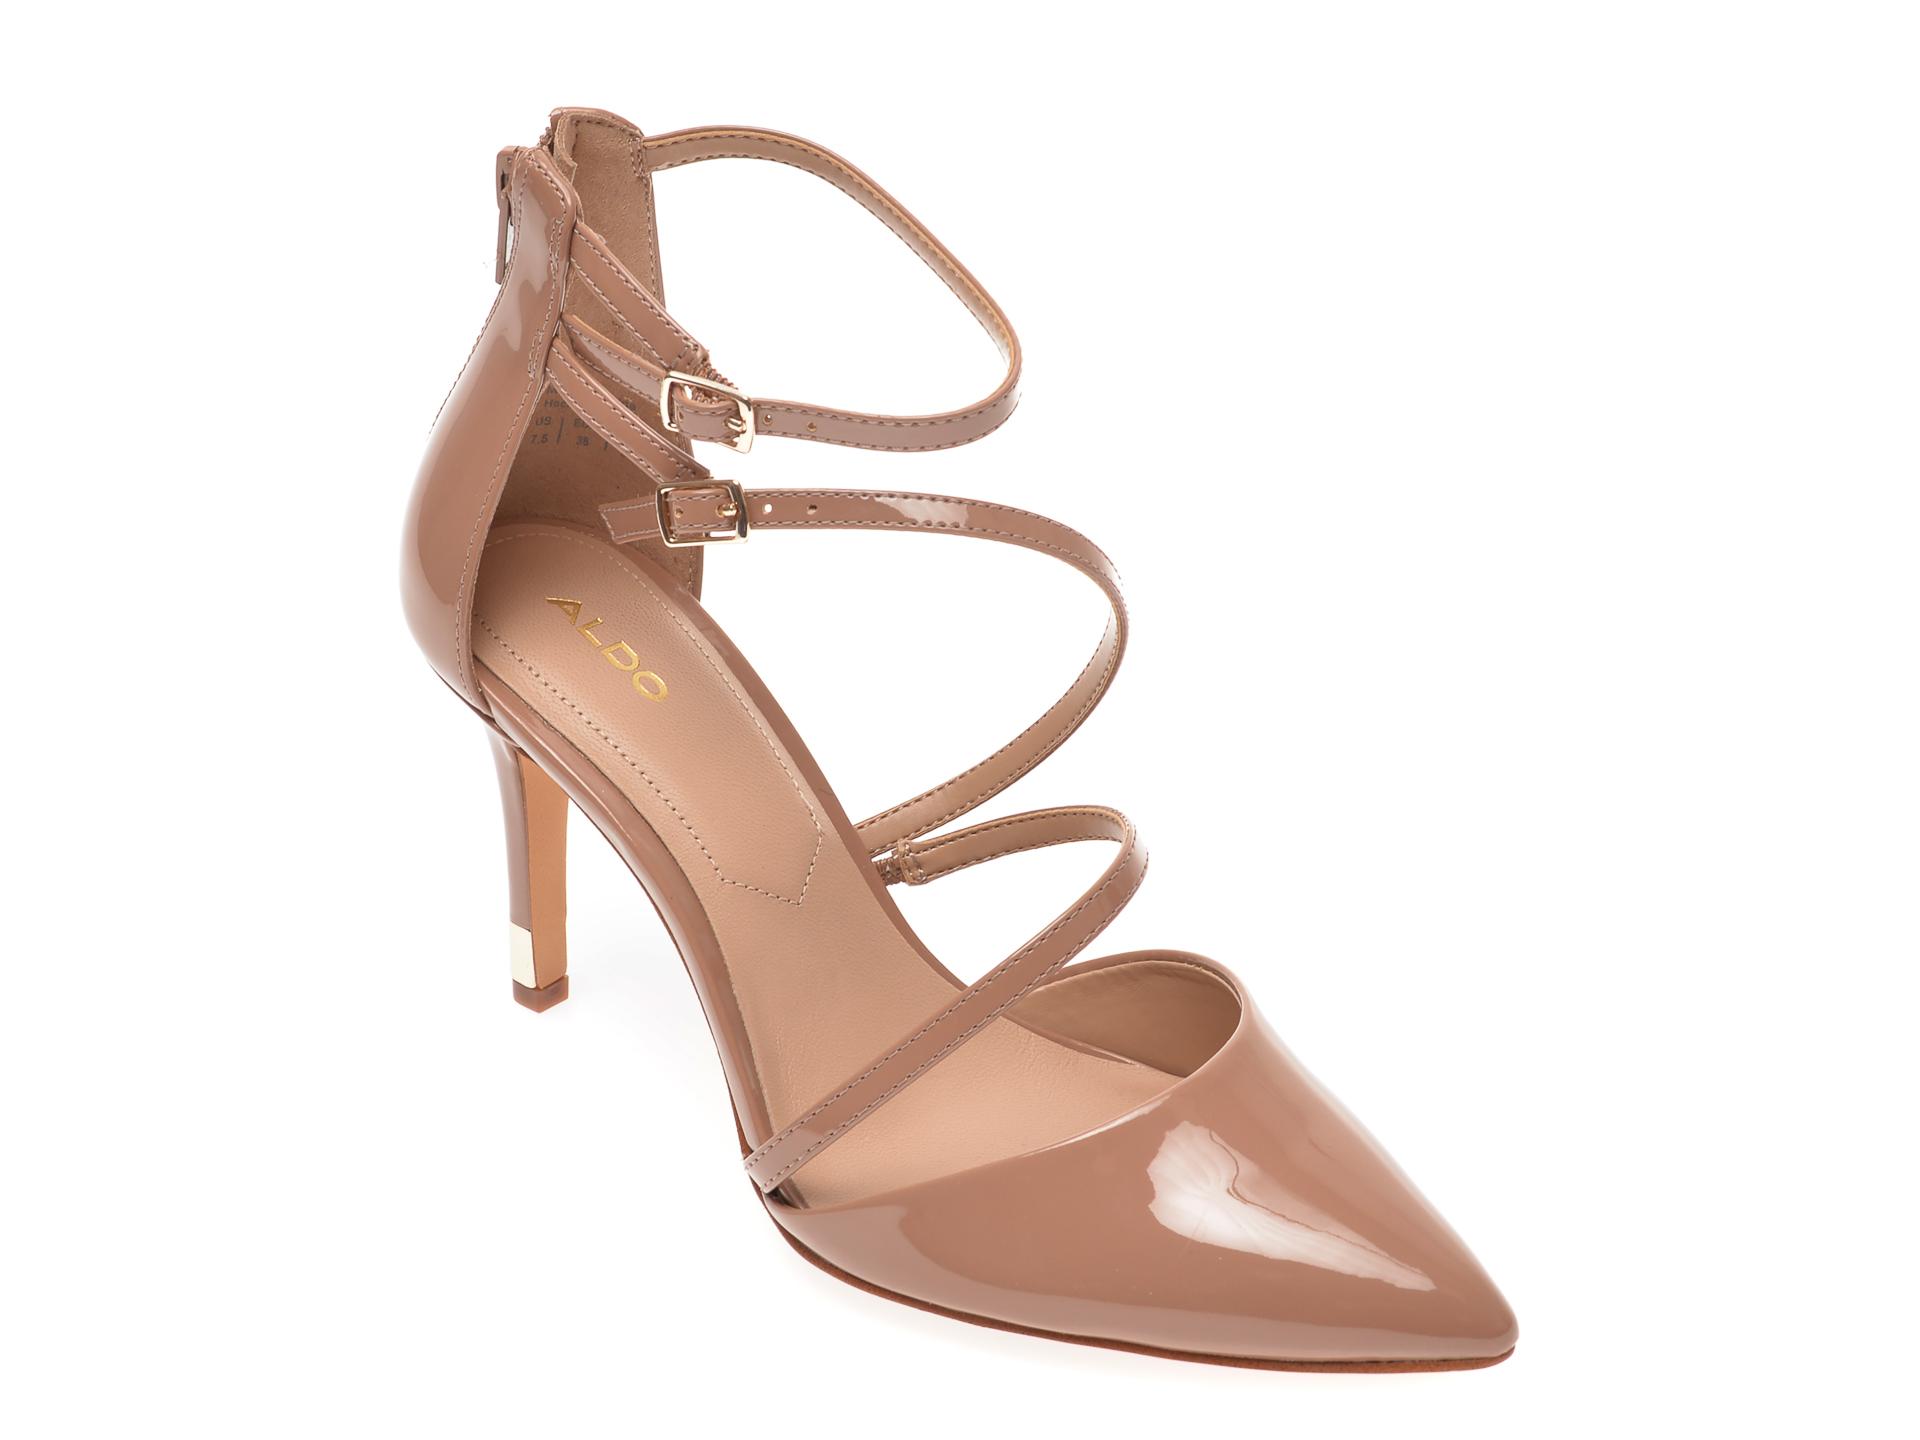 Pantofi ALDO nude, Torga270, din piele ecologica imagine otter.ro 2021